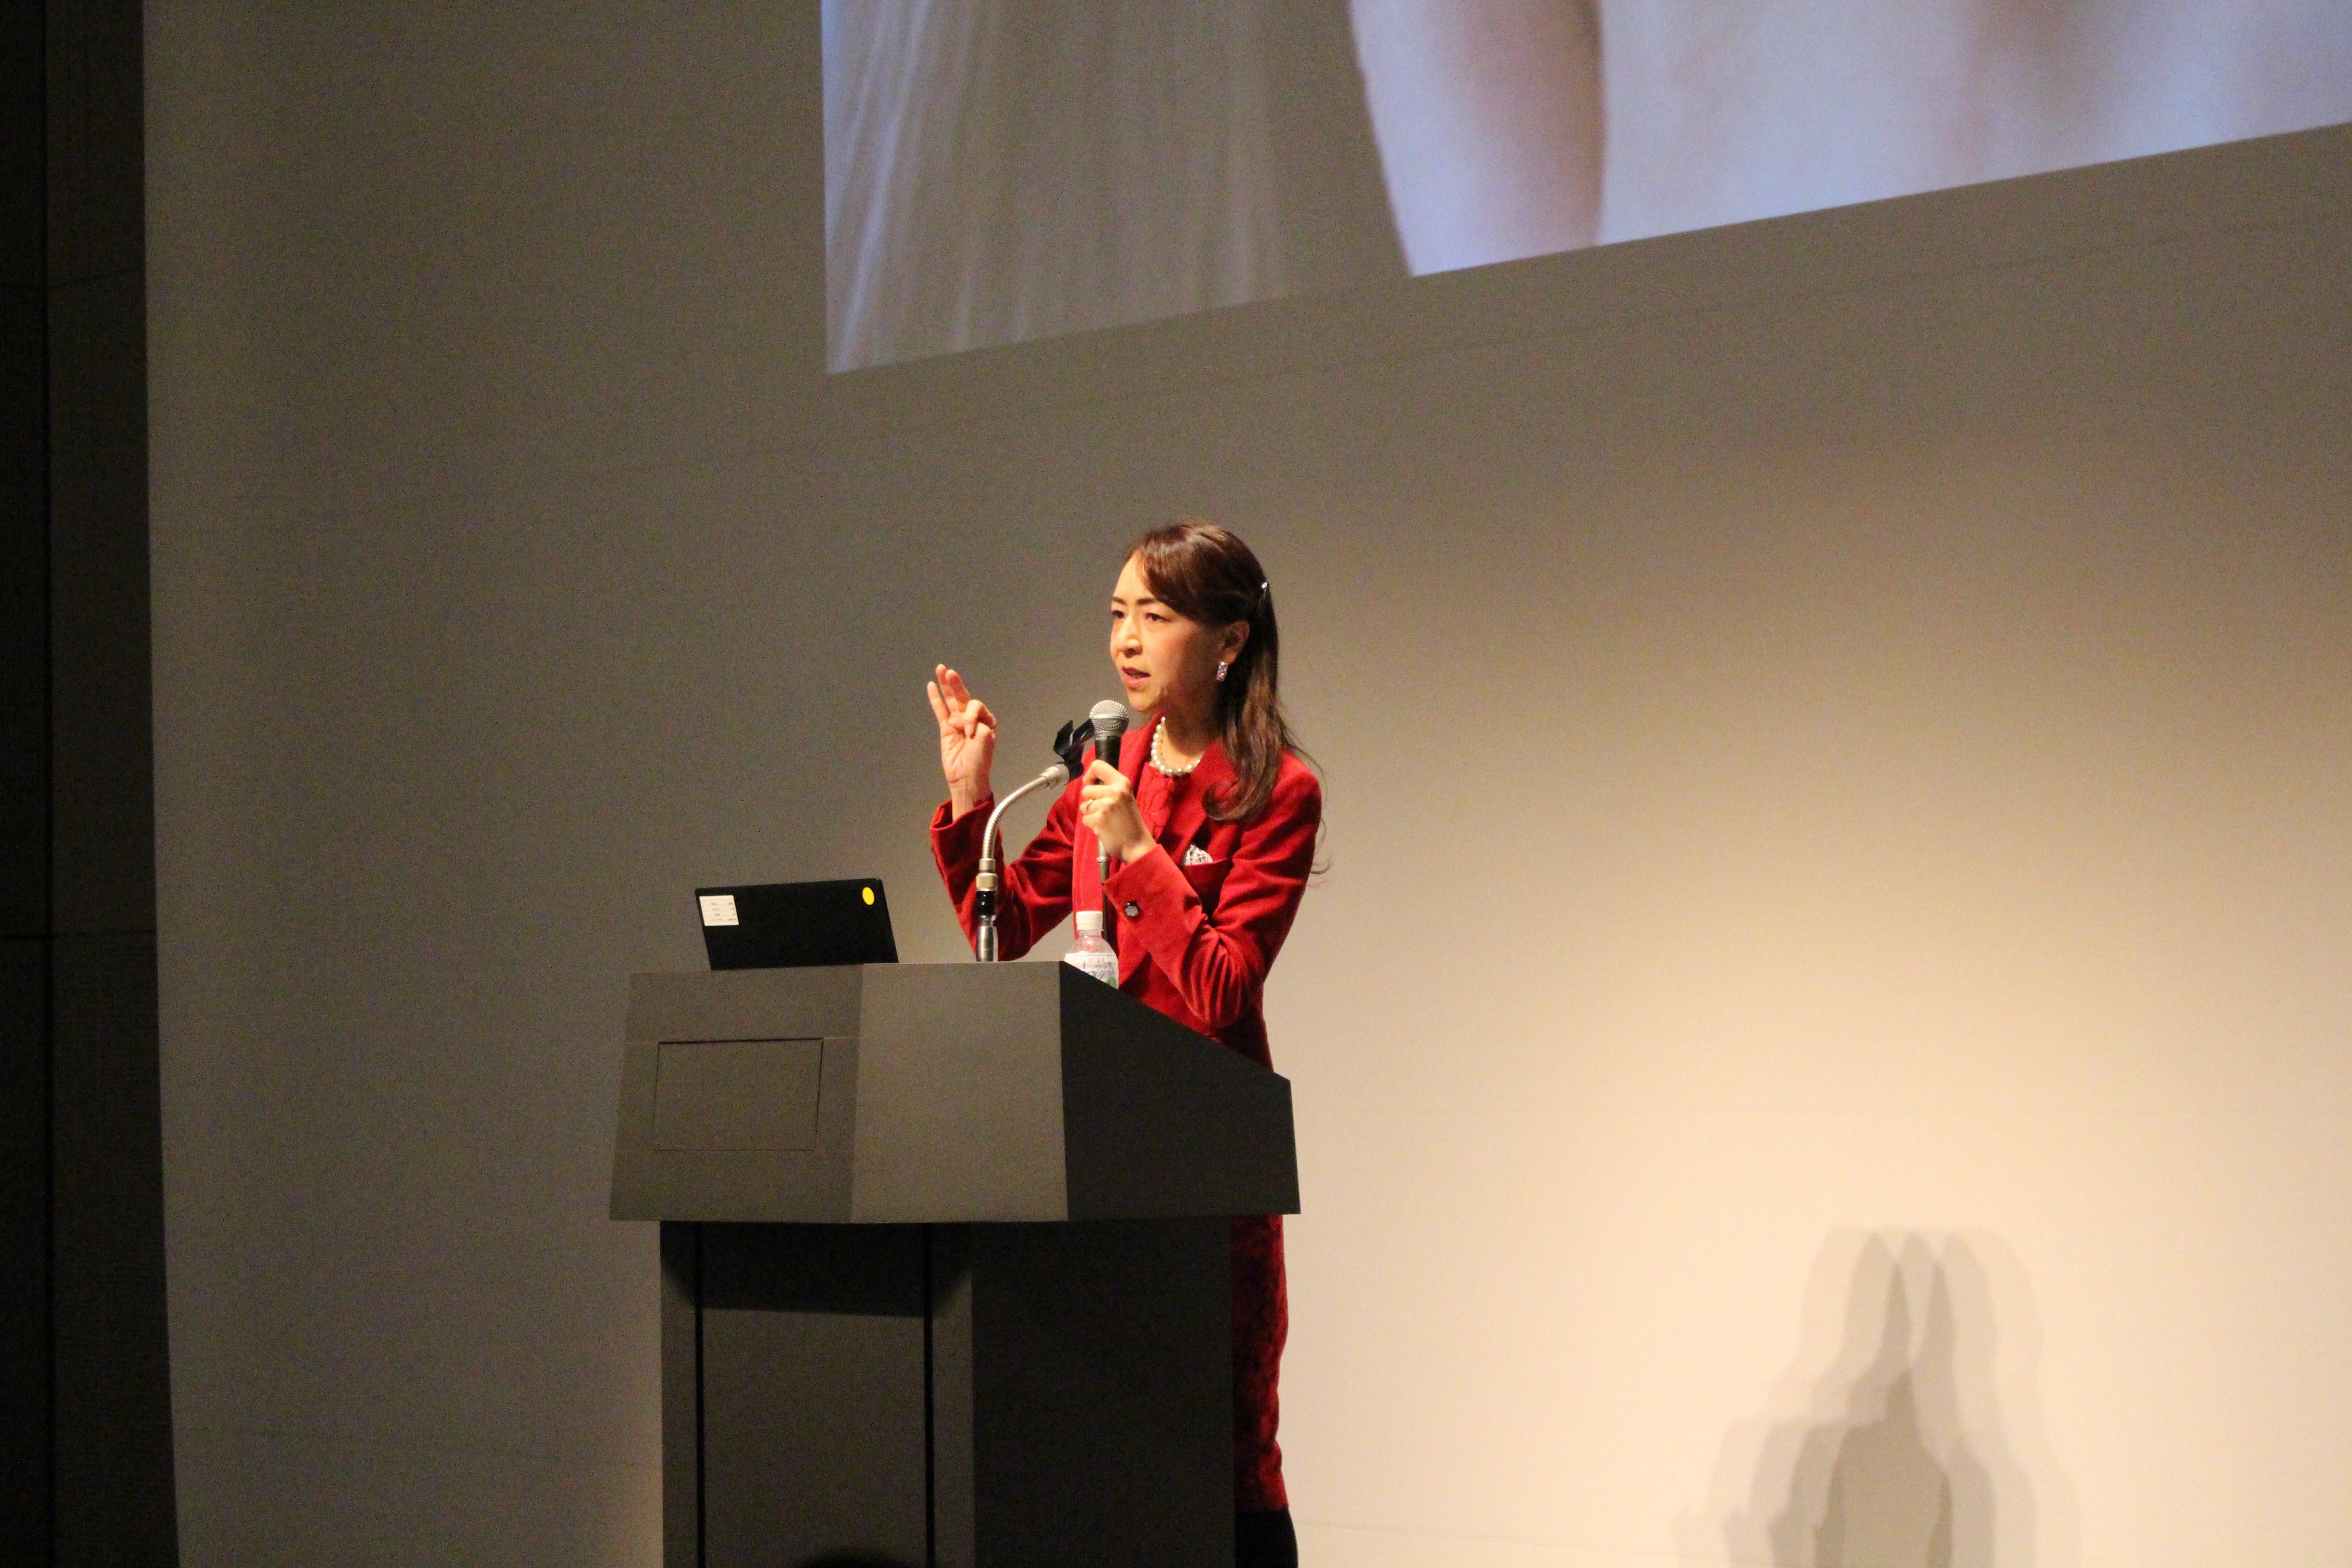 【イベントレポート】2019.01.25 『女の転職@type』転職イベント